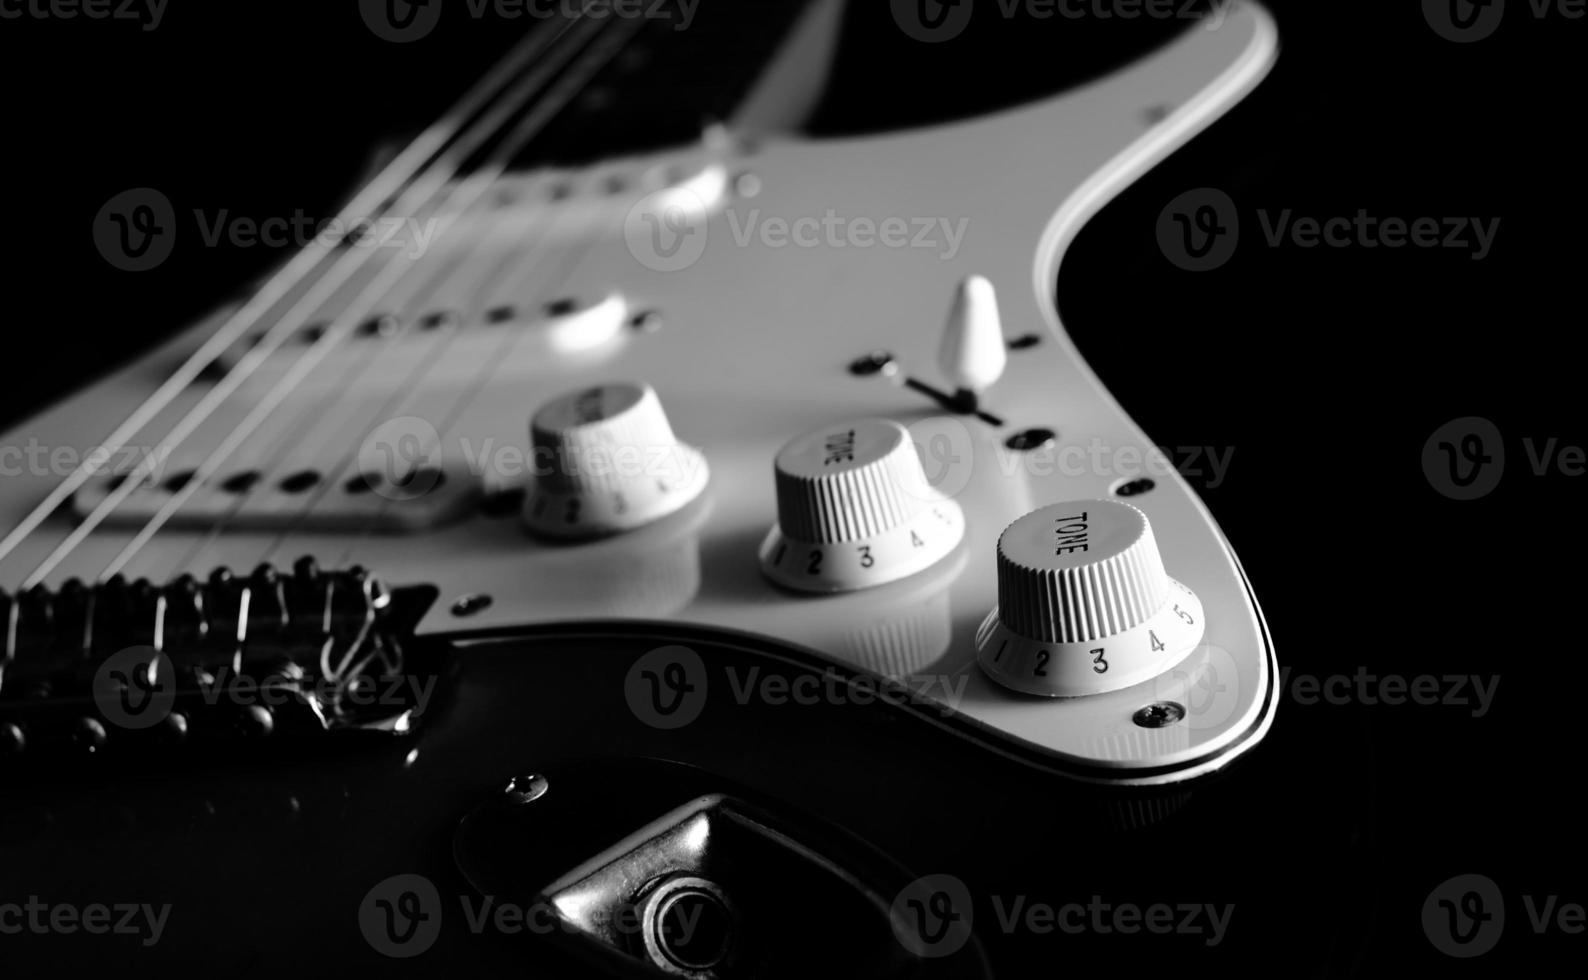 pomello per chitarra elettrica, b & w elaborato isolato foto